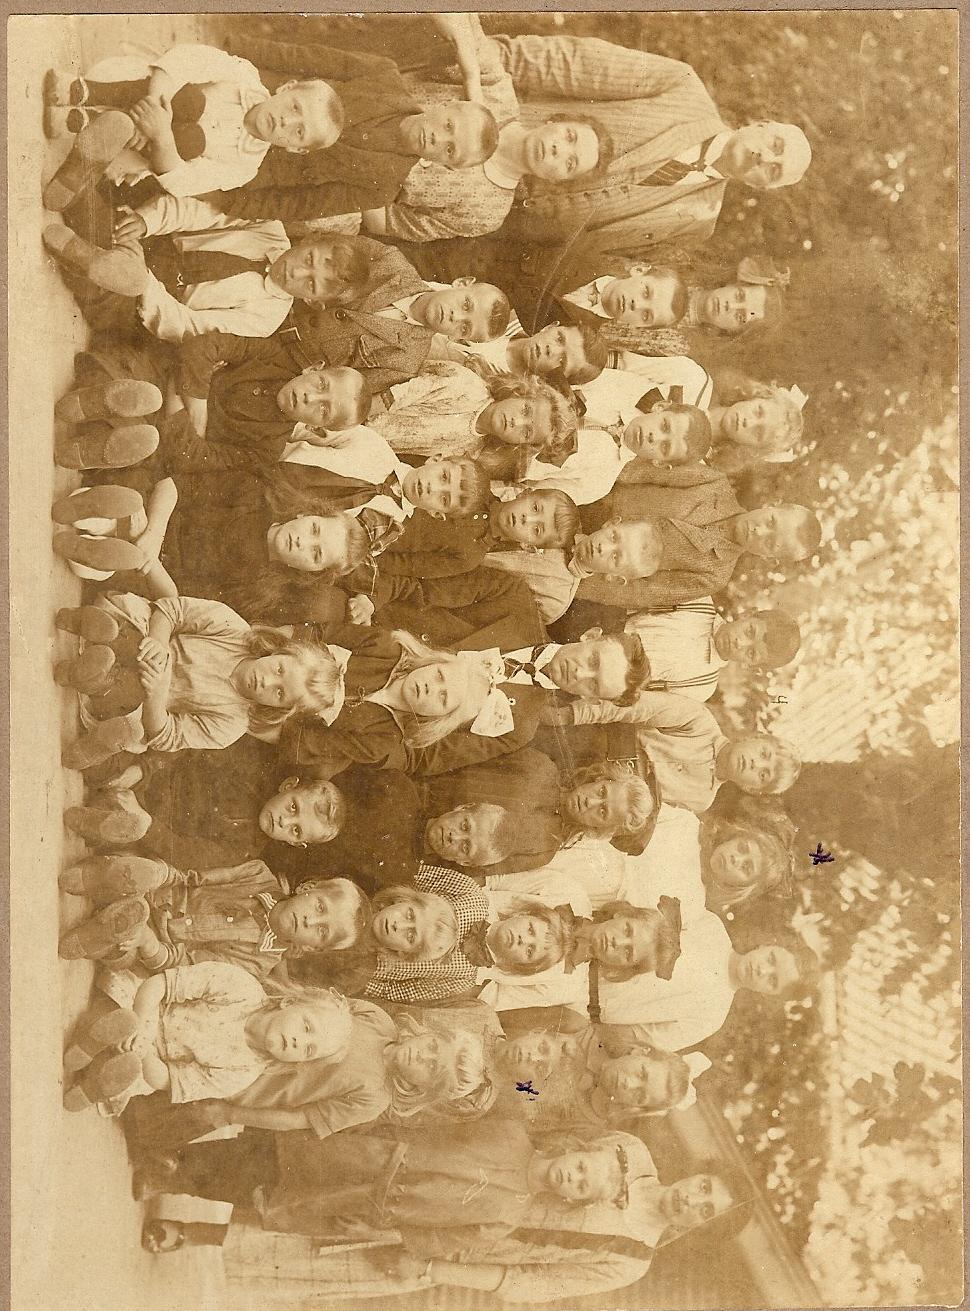 Klassenfoto lagere school Stationsstraat Appingedam